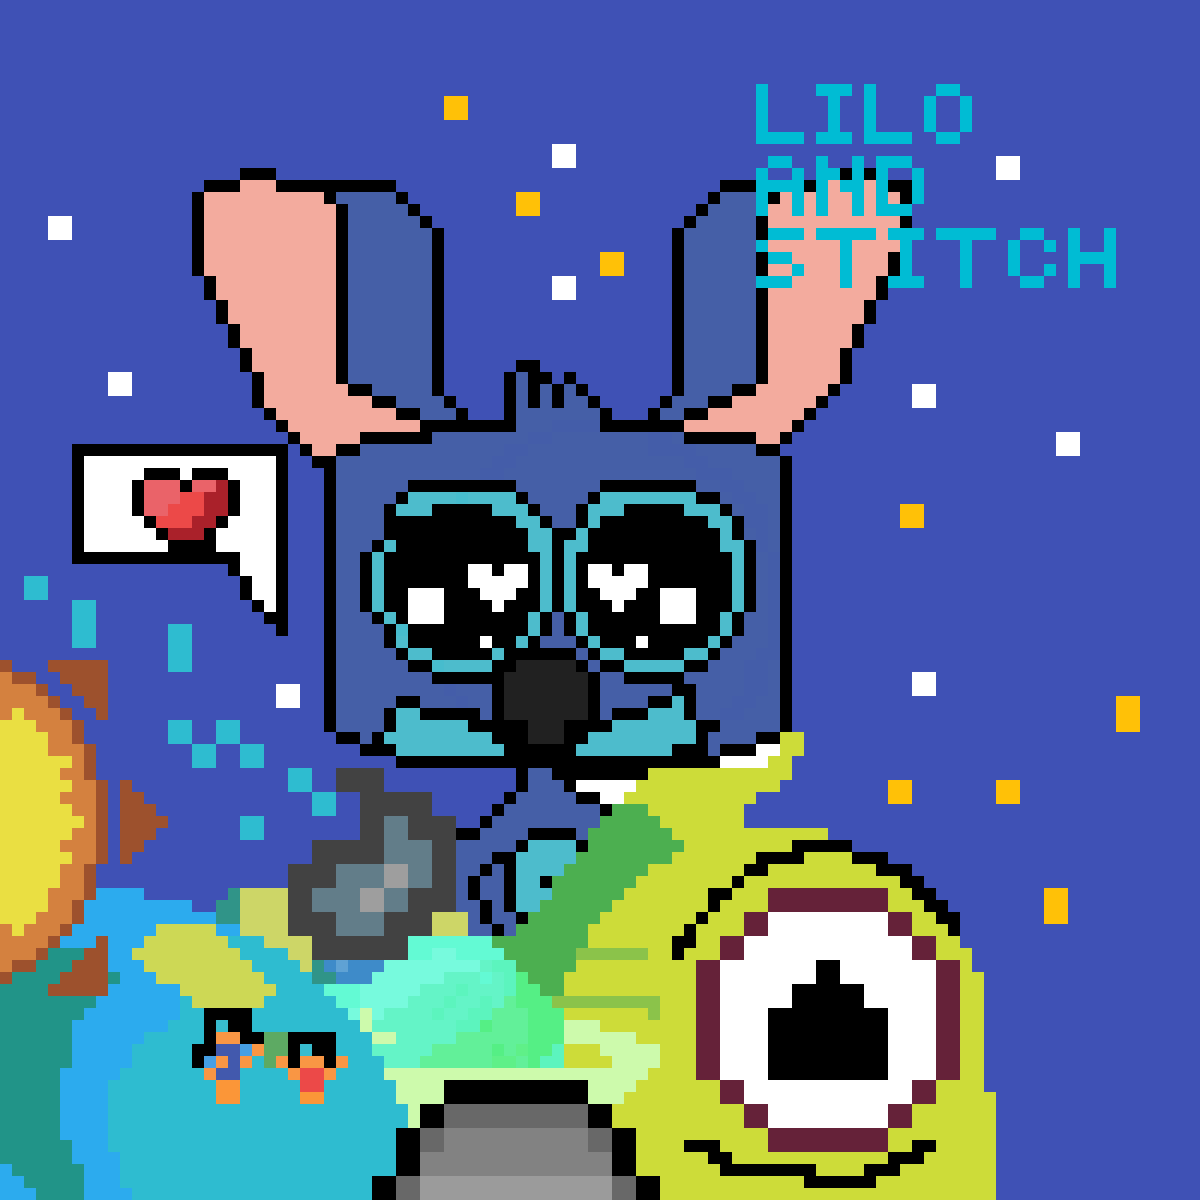 Lilo & stitch! by PLZU840